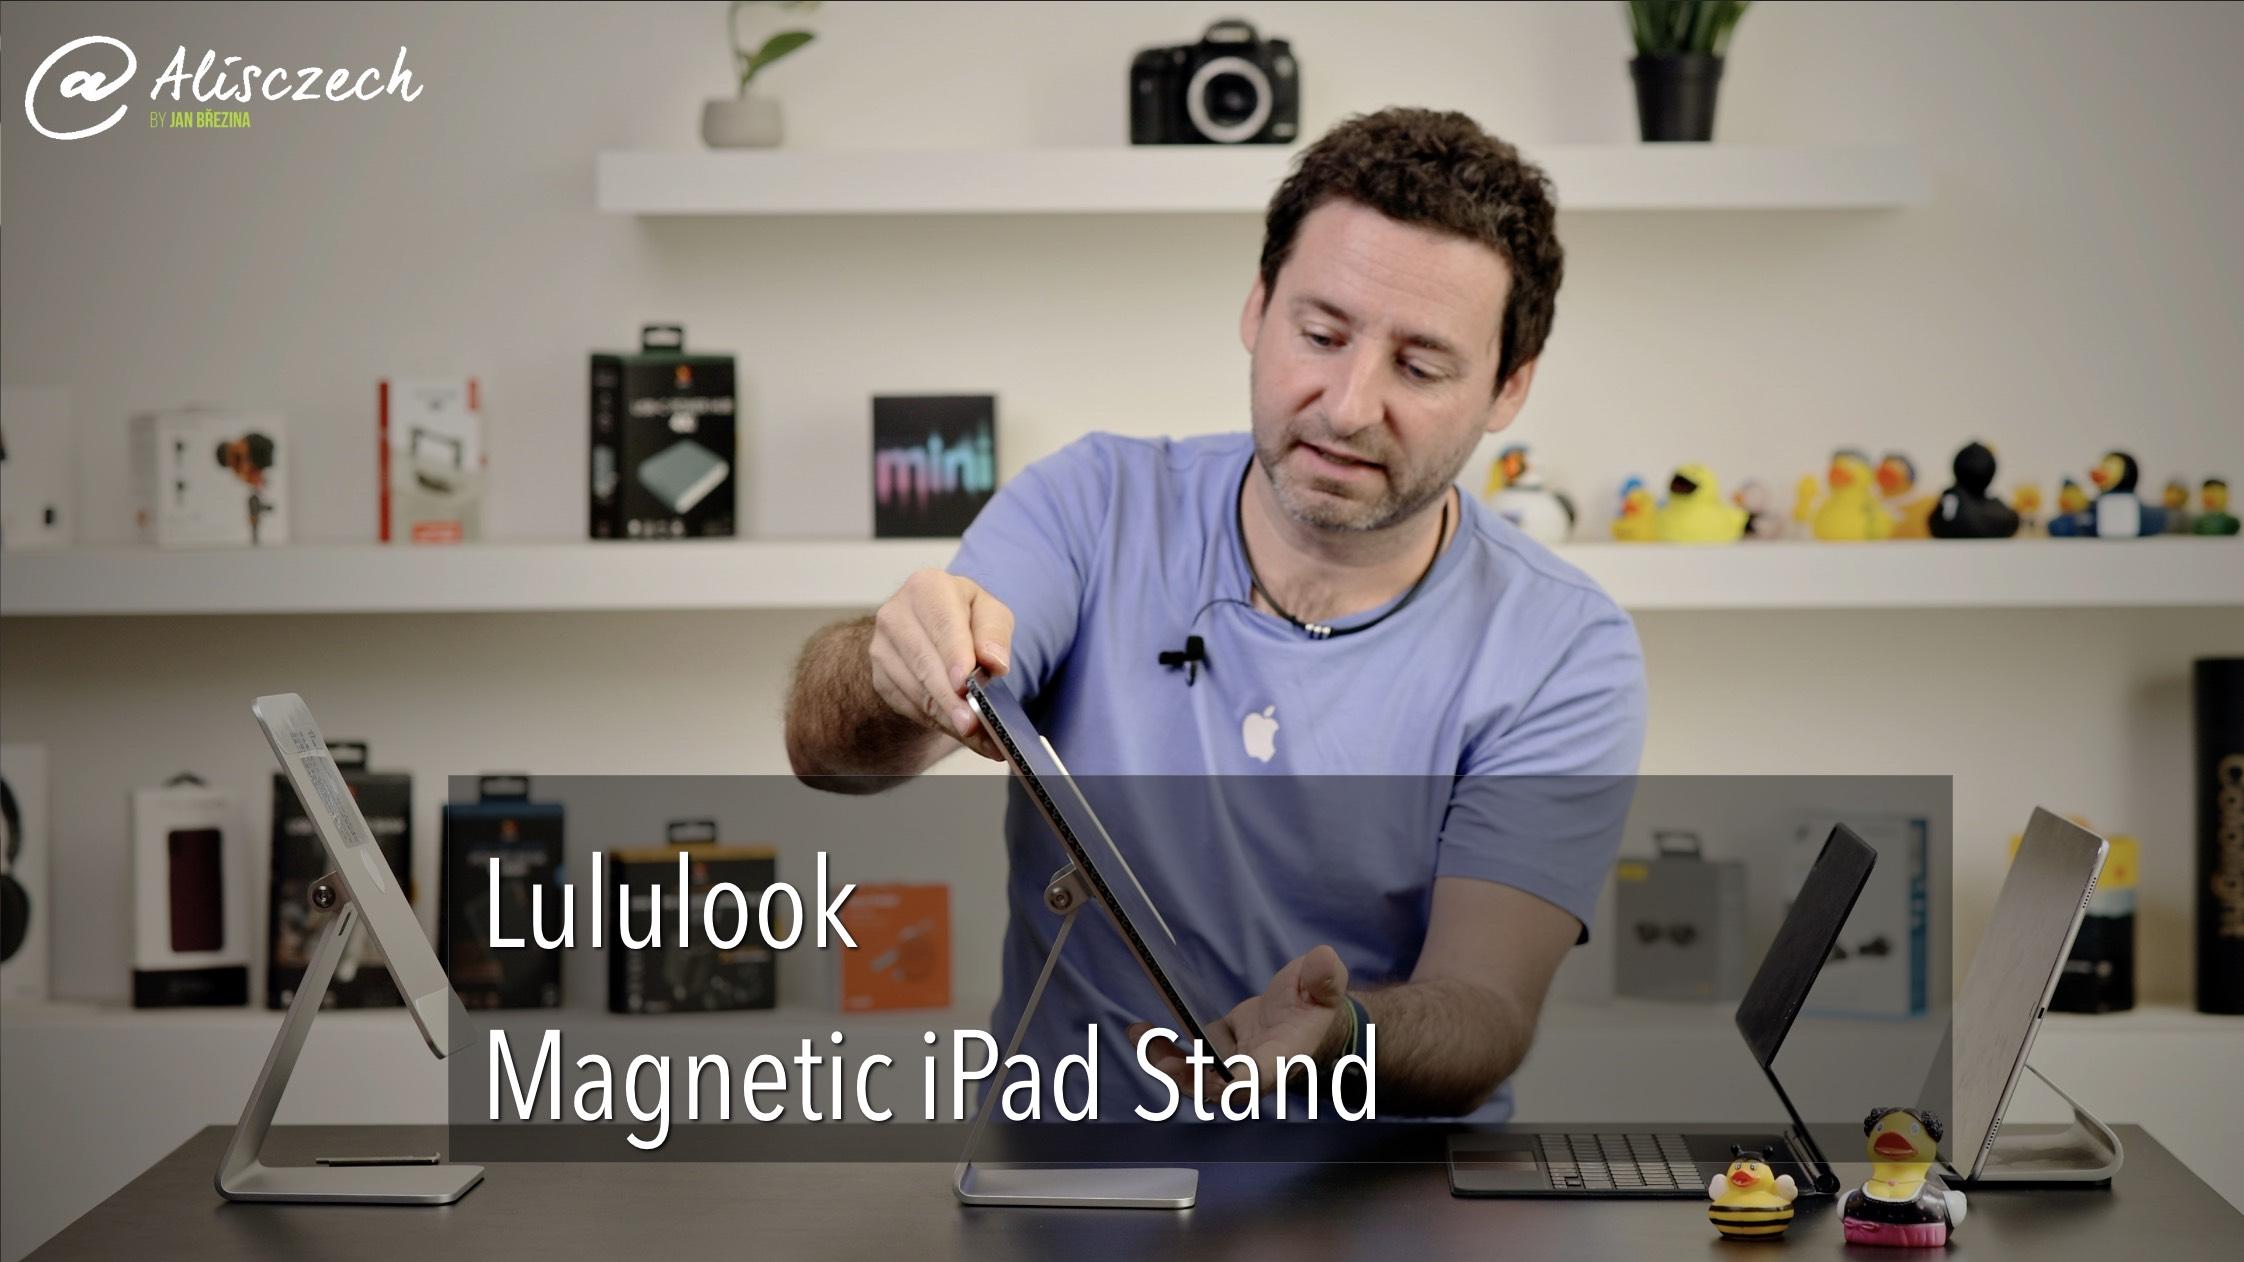 Magnetický stojánek pro iPad od Lululook